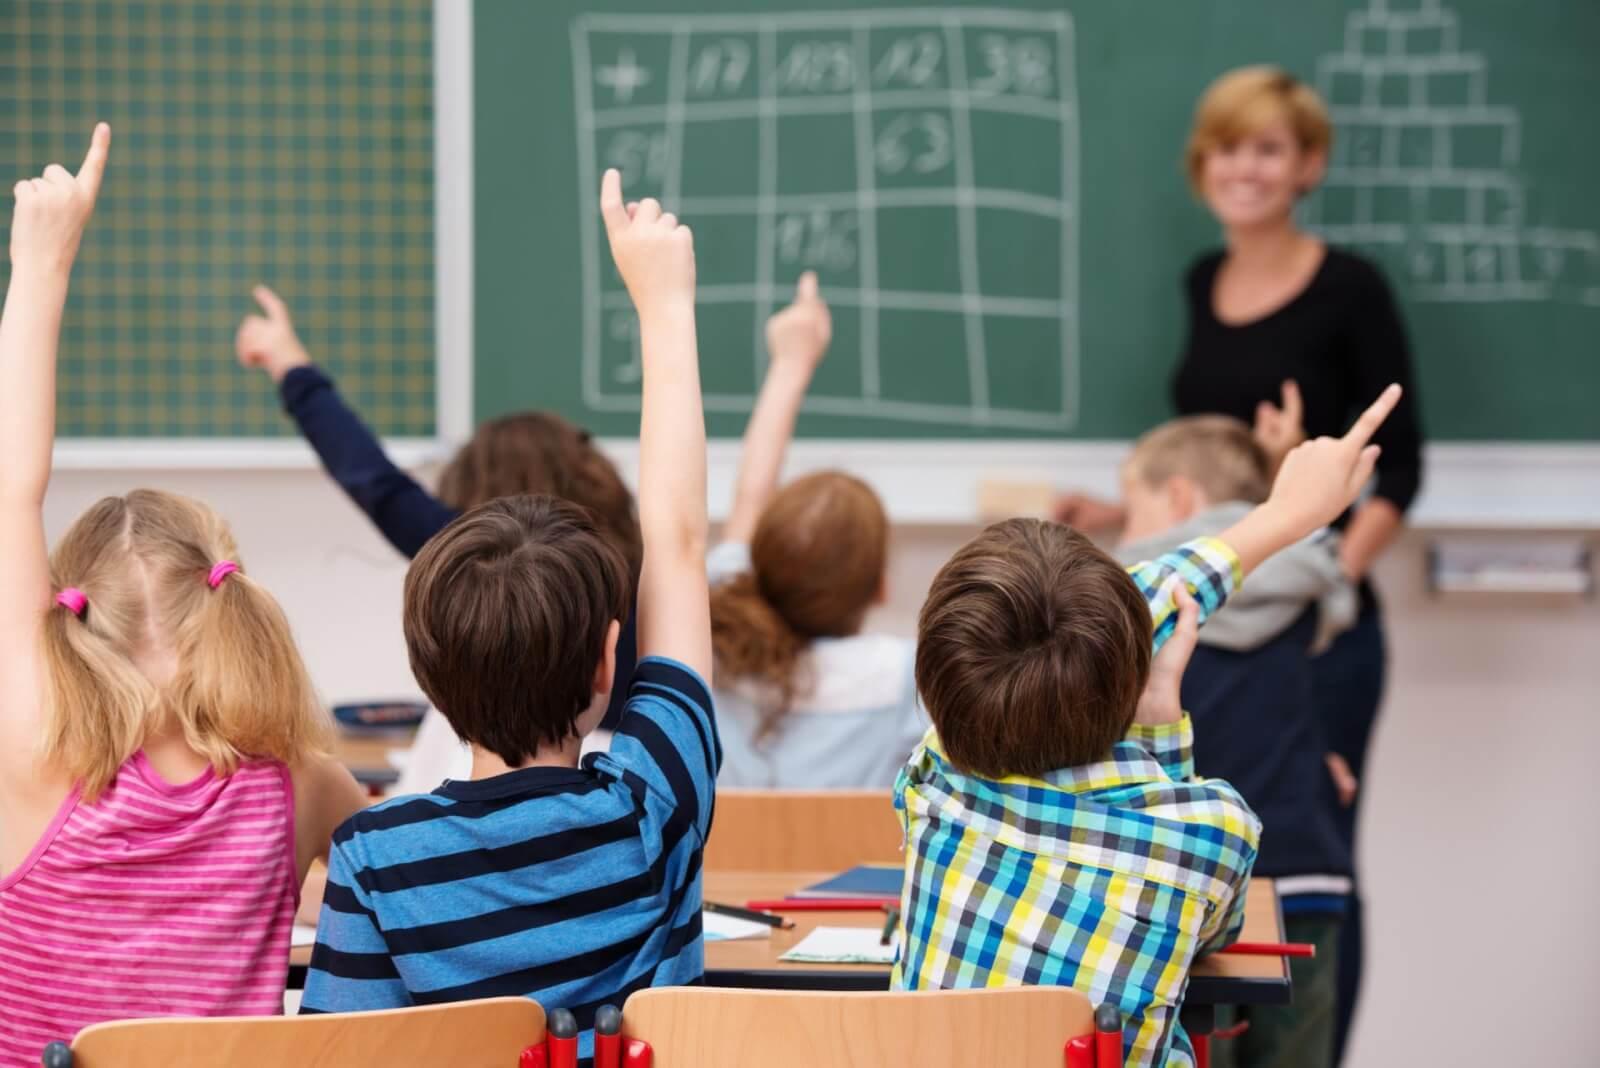 Проблемная ситуация — это эффективная педагогическая методика для современного учителя